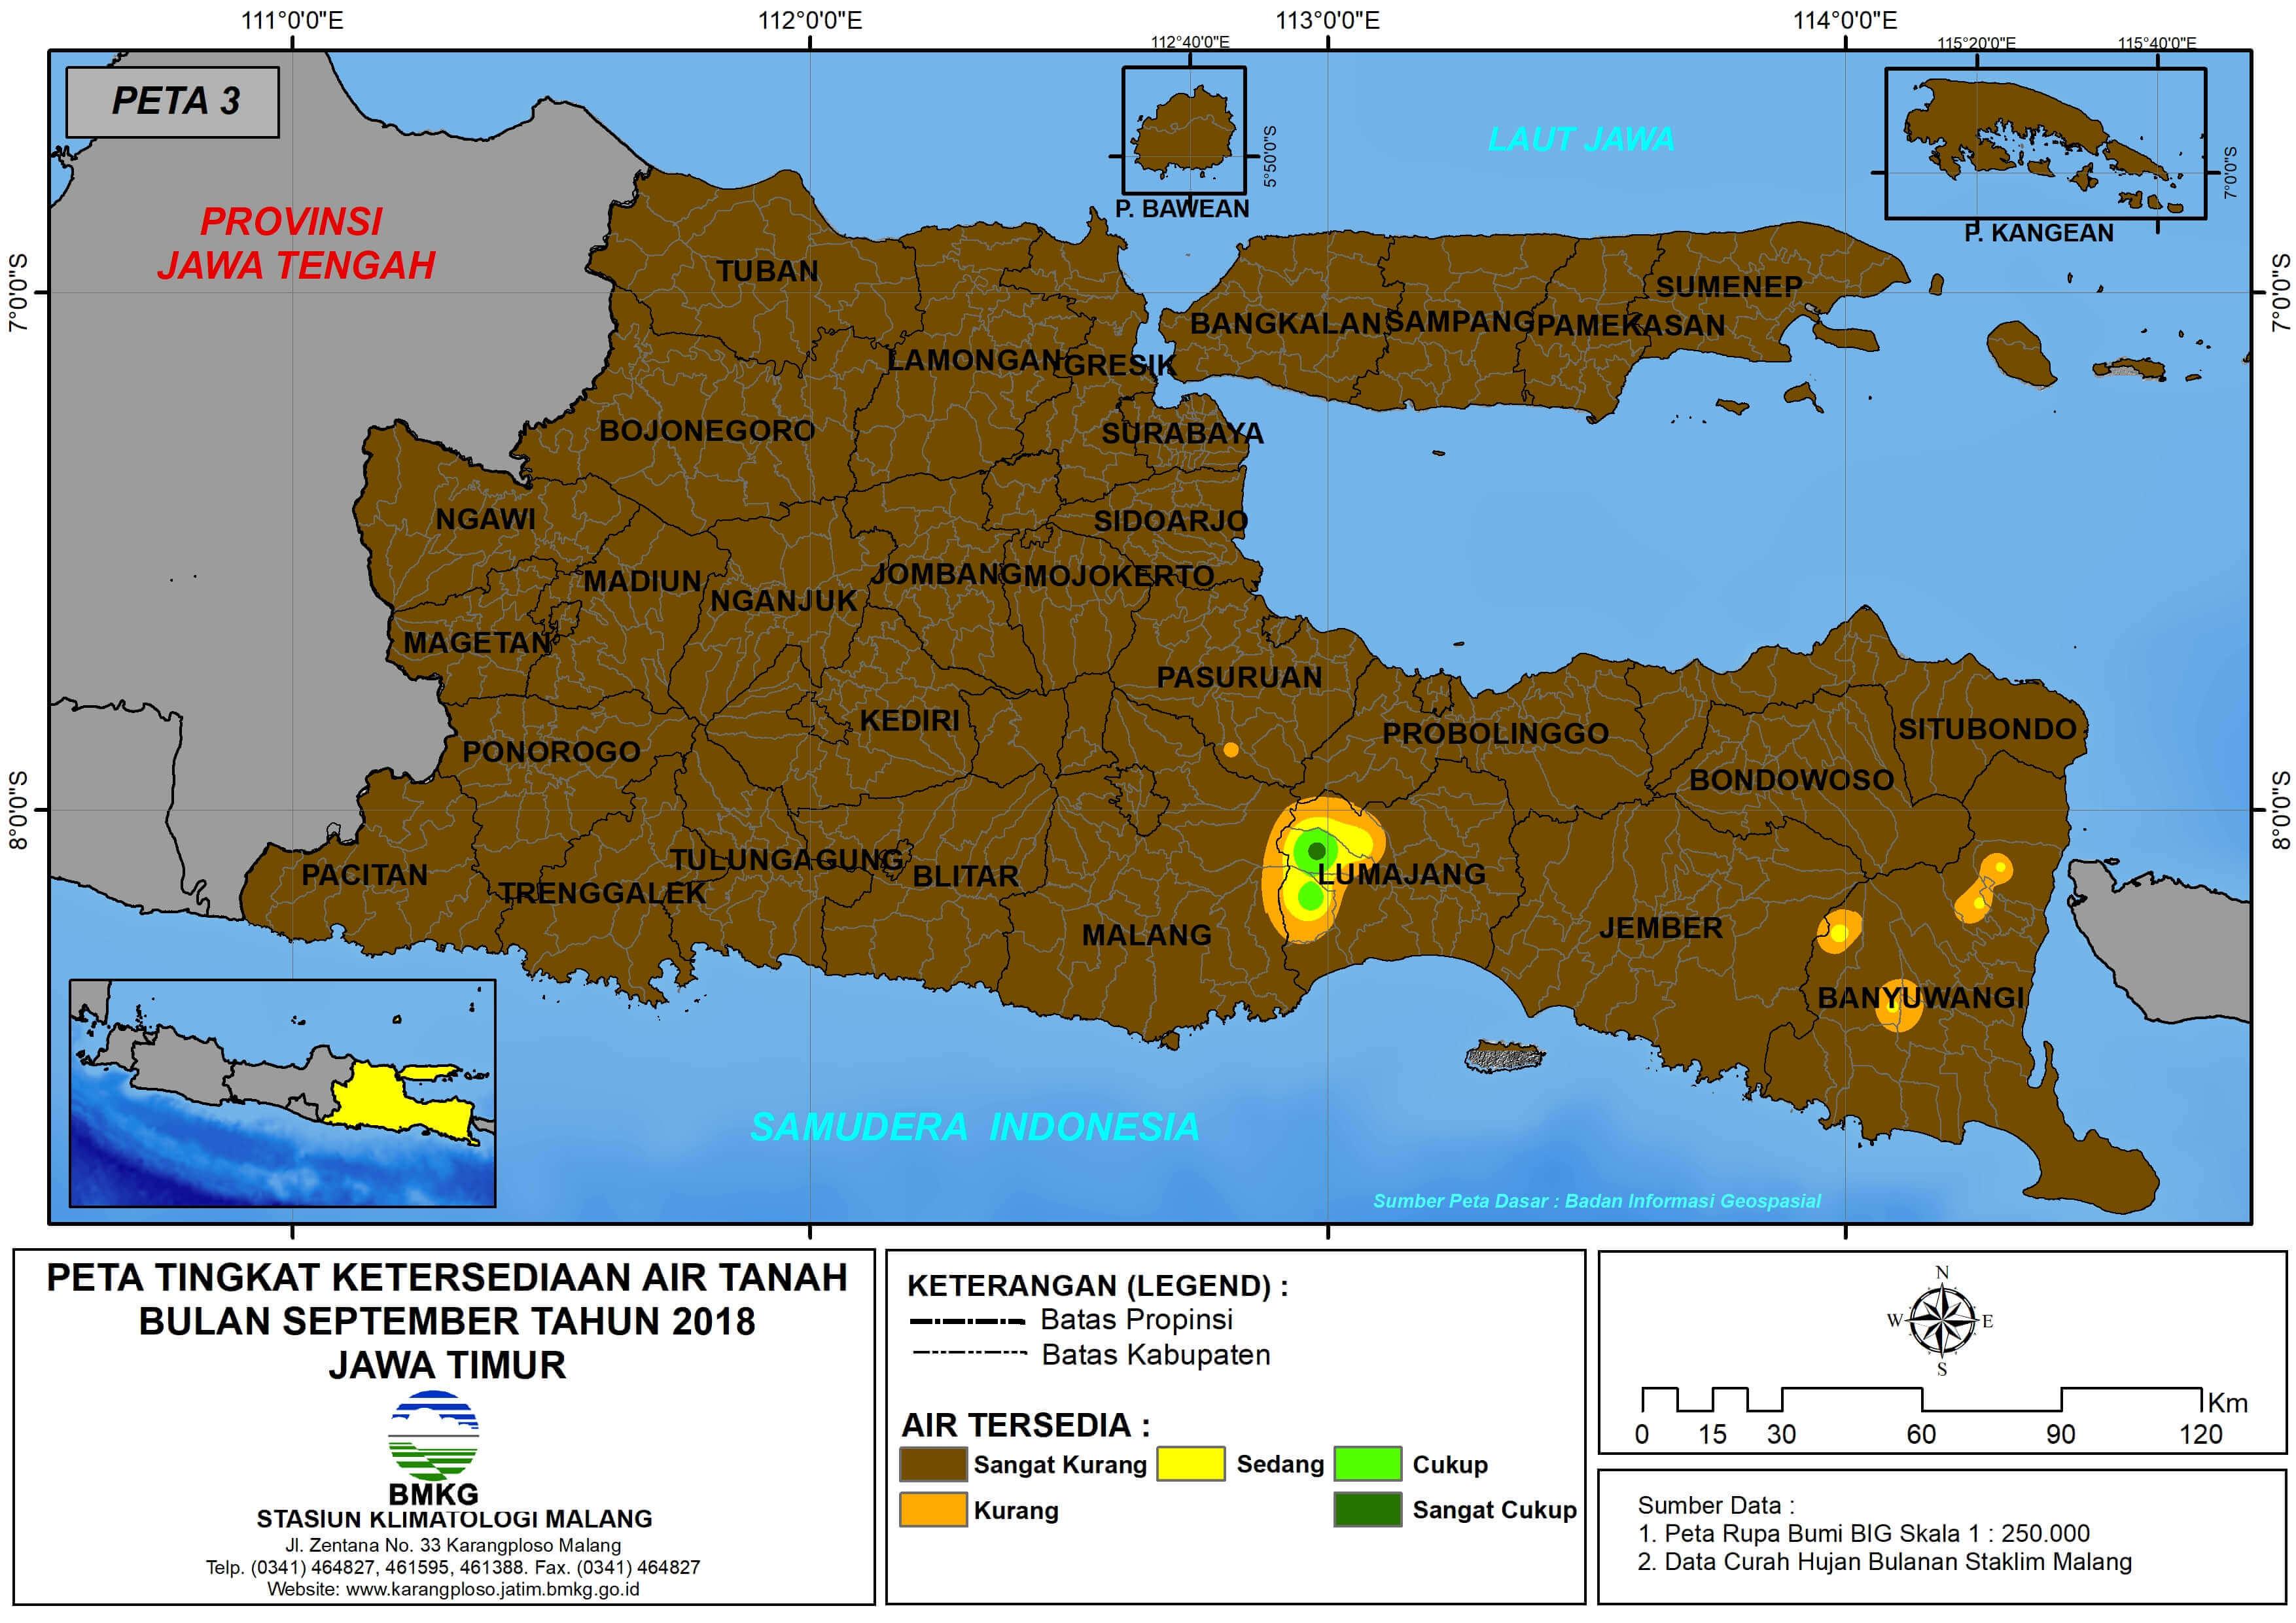 Analisis Tingkat Ketersediaan Air Tanah Bulan September Tahun 2018 di Provinsi Jawa Timur